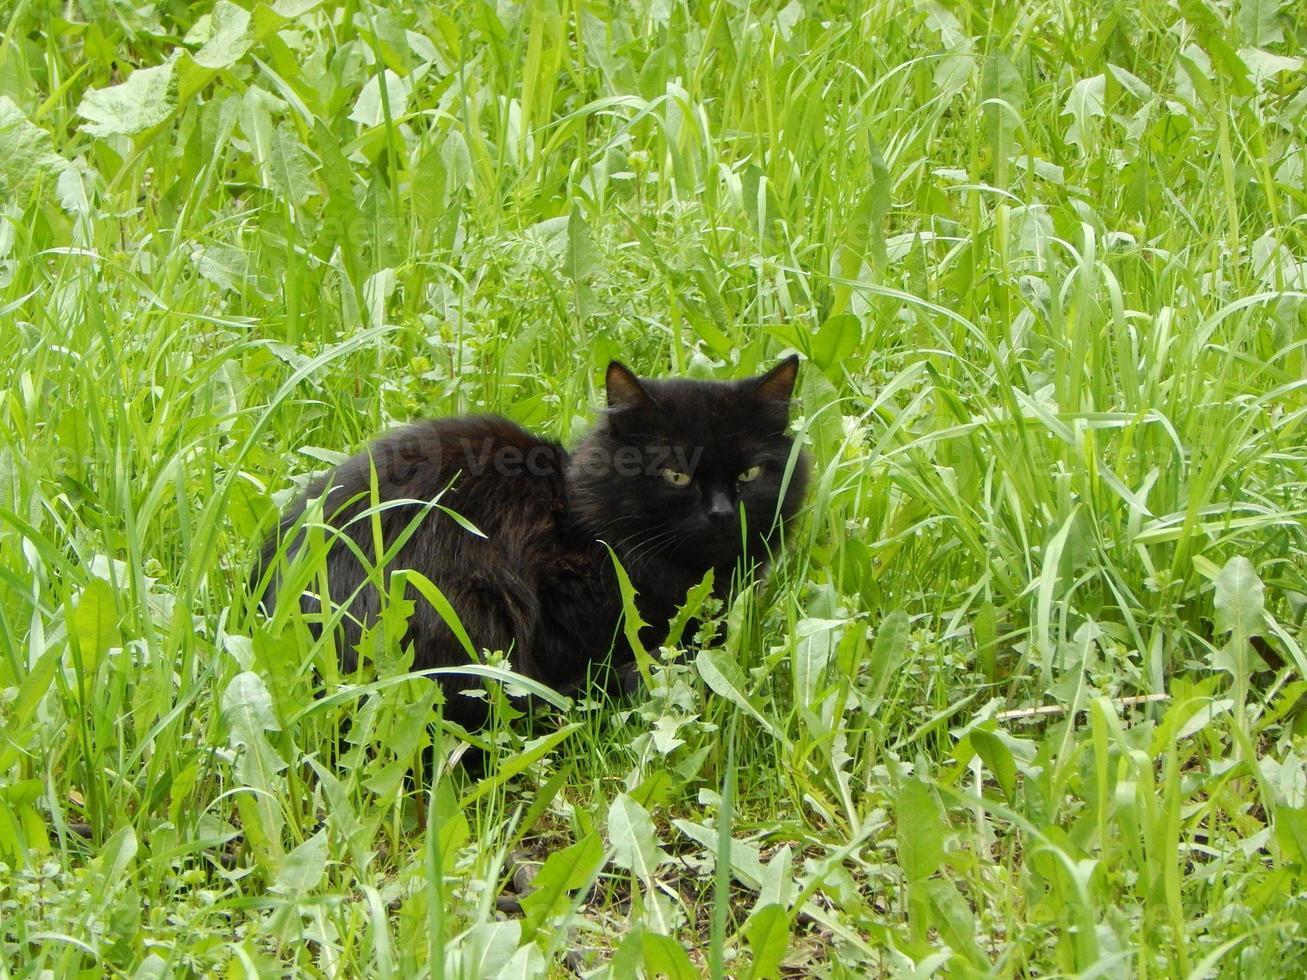 svart katt gömmer sig i det gröna gräset. foto